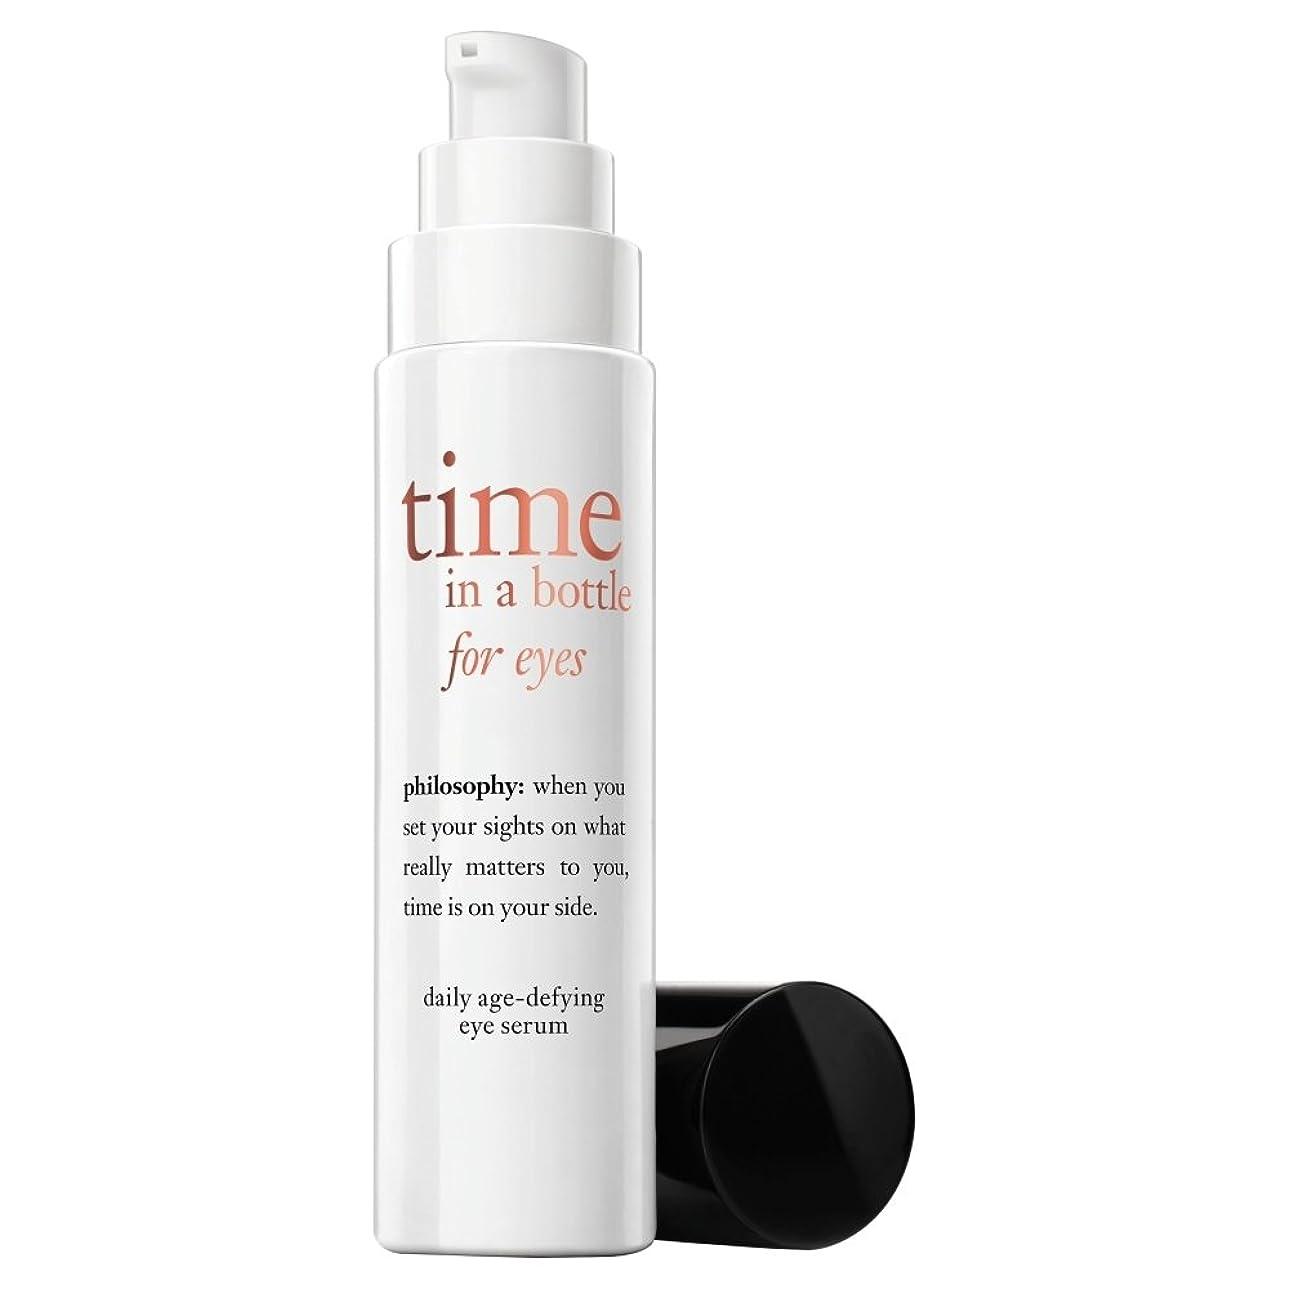 球体トライアスロン捕虜ボトルアイクリーム15ミリリットルで哲学時間 (Philosophy) (x6) - Philosophy Time in a Bottle Eye Cream 15ml (Pack of 6) [並行輸入品]